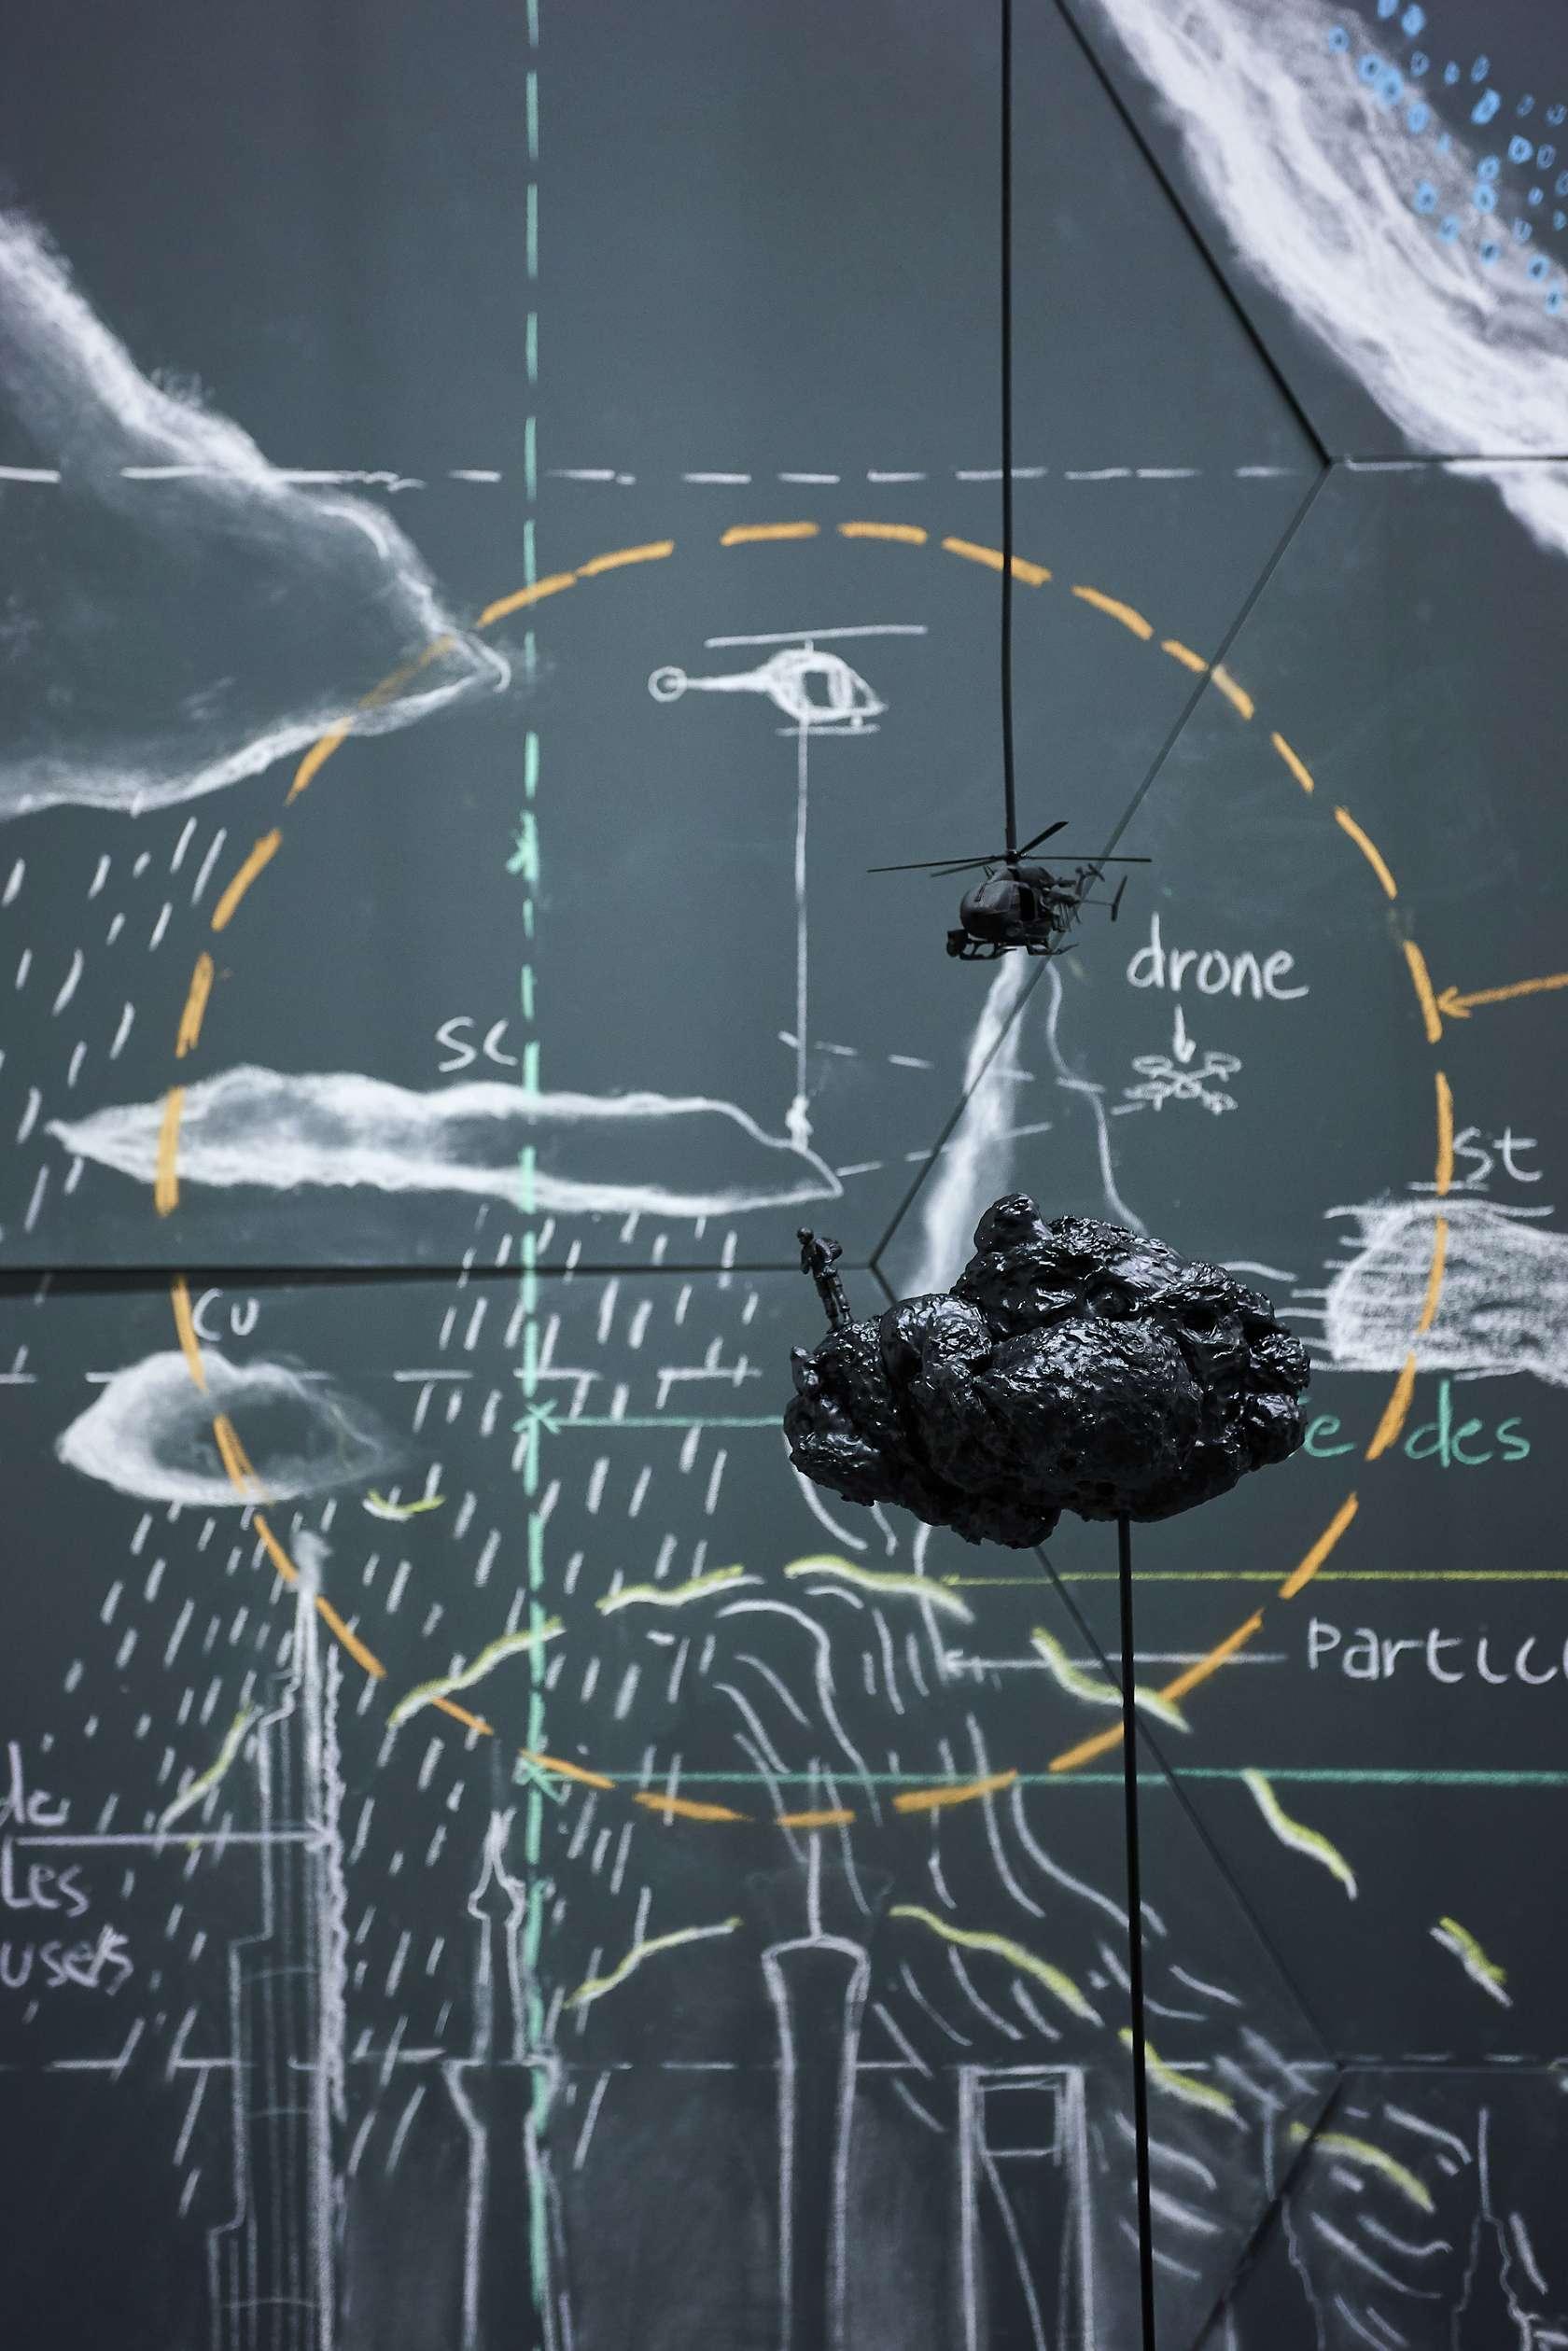 Abraham Poincheval, Étude pour marcher sur la canopée nuageuse, 2015 Des marches, démarches, FRAC Paca, Marseille (FR) 2 février - 10 mai 2020 © Photo Frac Provence-Alpes-Côte d'Azur / Laurent Lecat